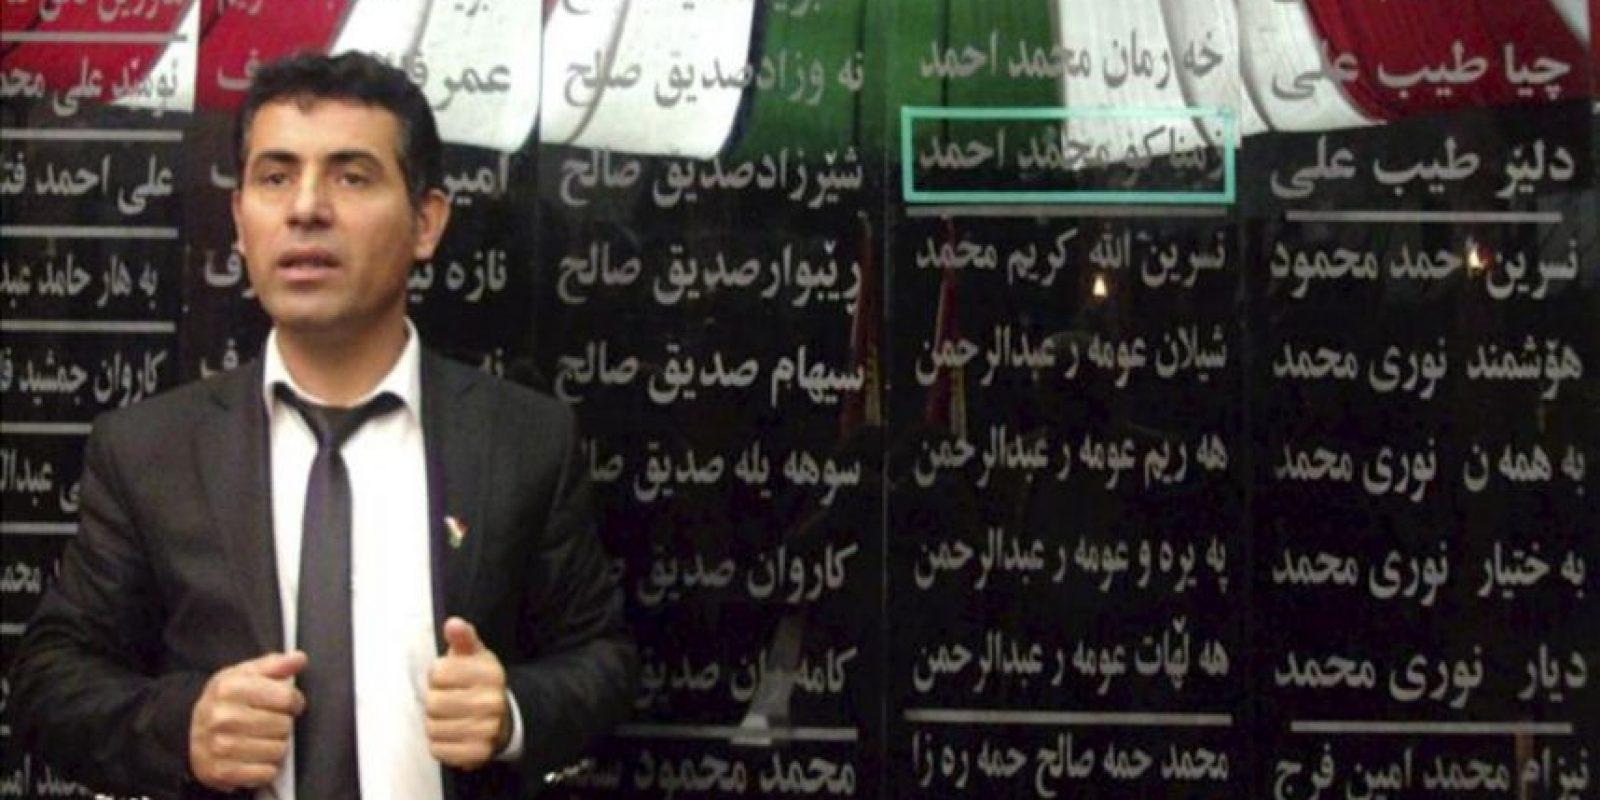 Omed Hama Ali, superviviente del ataque químico perpetrado por Sadam Husein el 16 de marzo de 1988, posa ante la lista de las victimas de la matanza en el museo de Halabja, el 3 de abril de 2012. EFE/Archivo